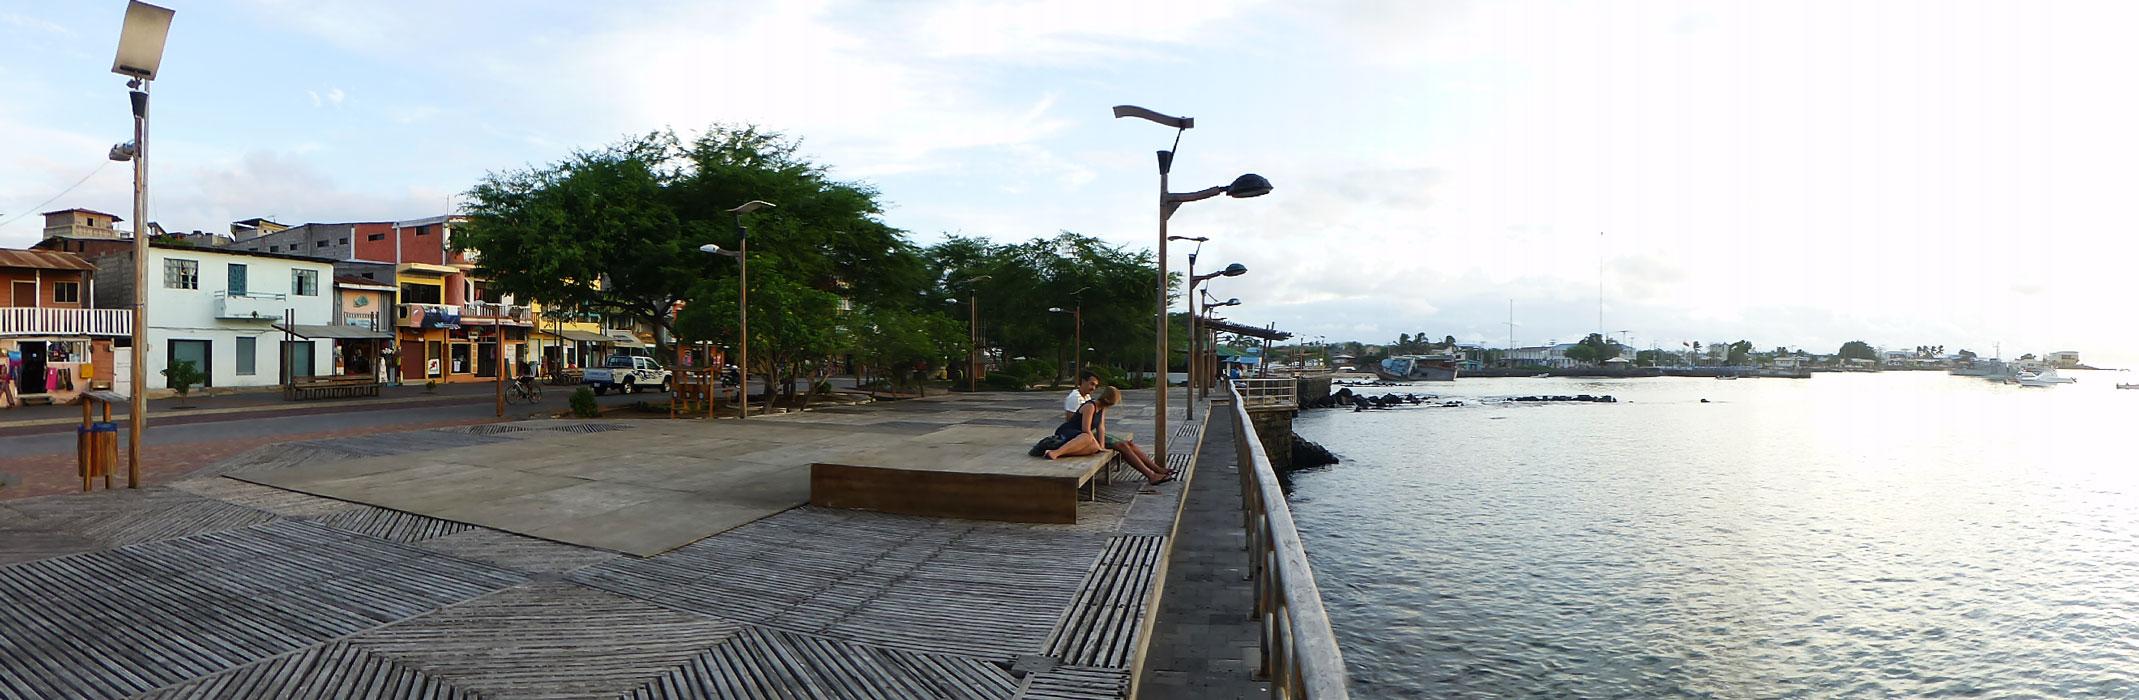 The city of Puerto Baquerizo Moreno's waterfront